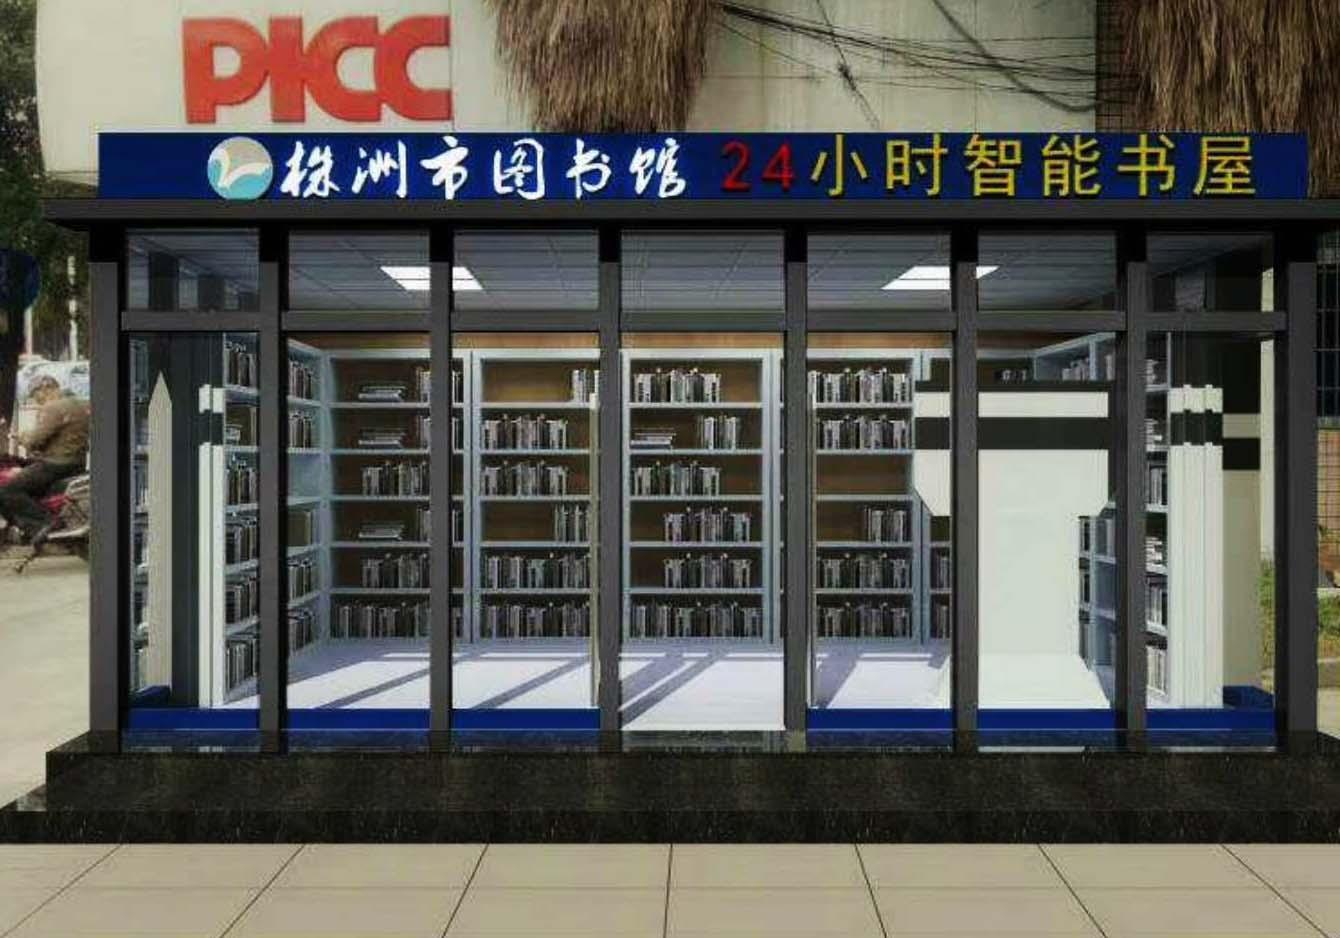 株洲市汽车东站对面图书馆